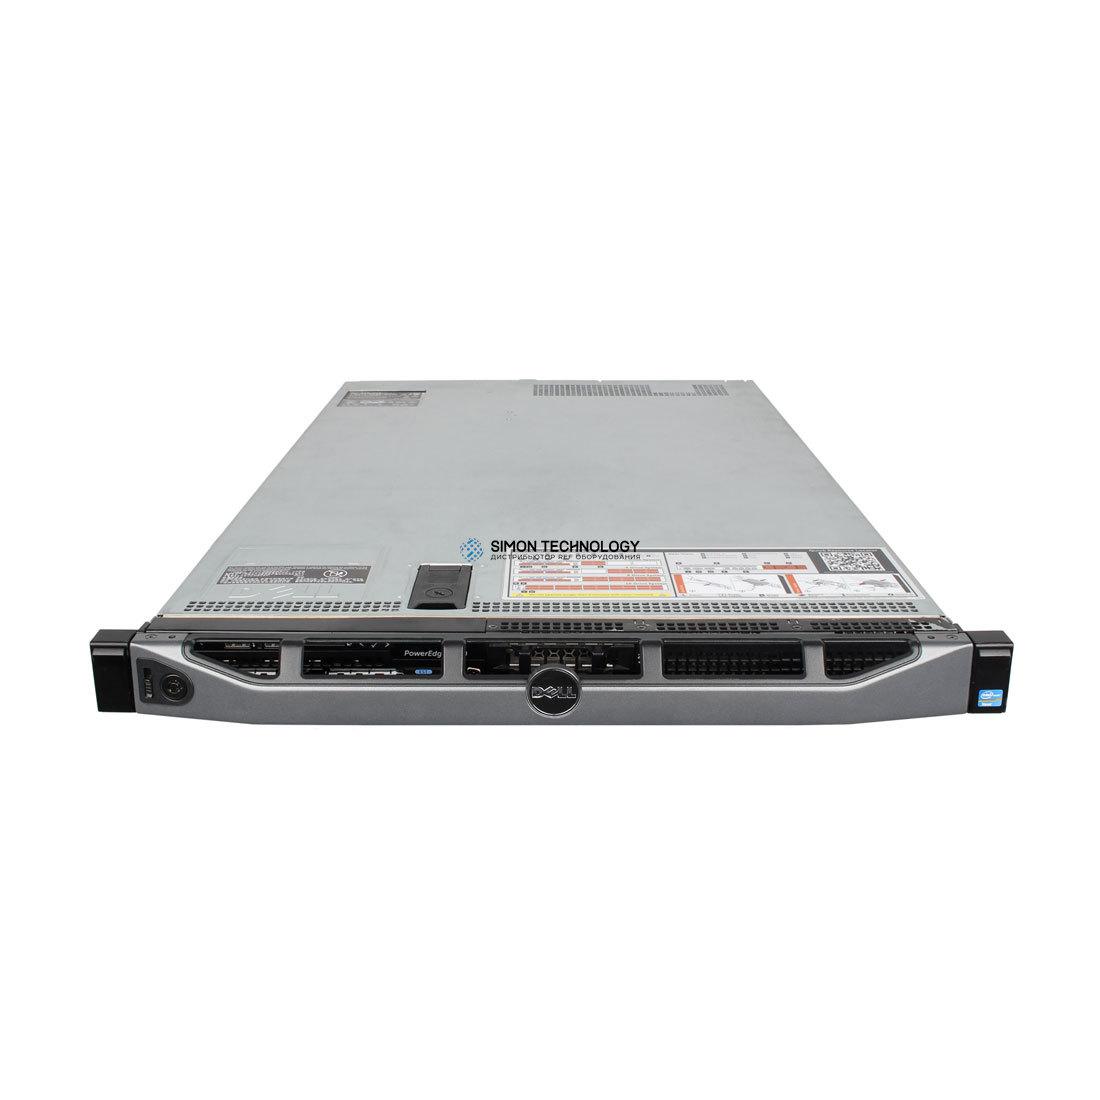 Сервер Dell PER620 V2 CTO PERC S110 ENTERPRISE LICENCE 8*SFF (PER620V2 ENT)